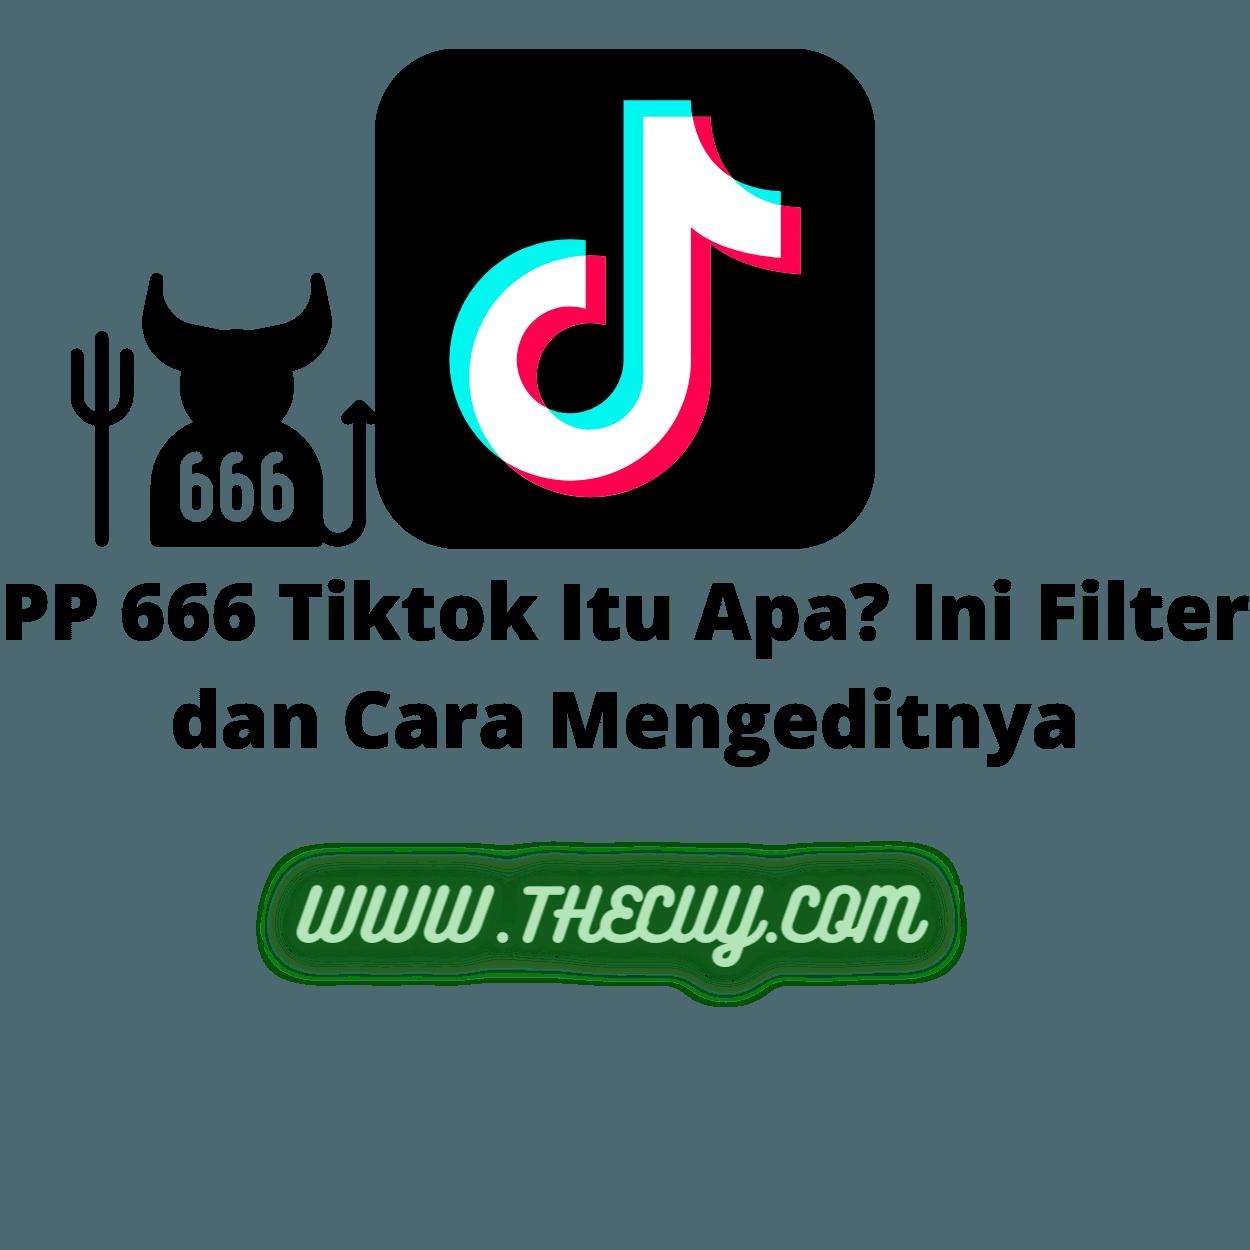 PP 666 Tiktok Itu Apa? Ini Filter dan Cara Mengeditnya